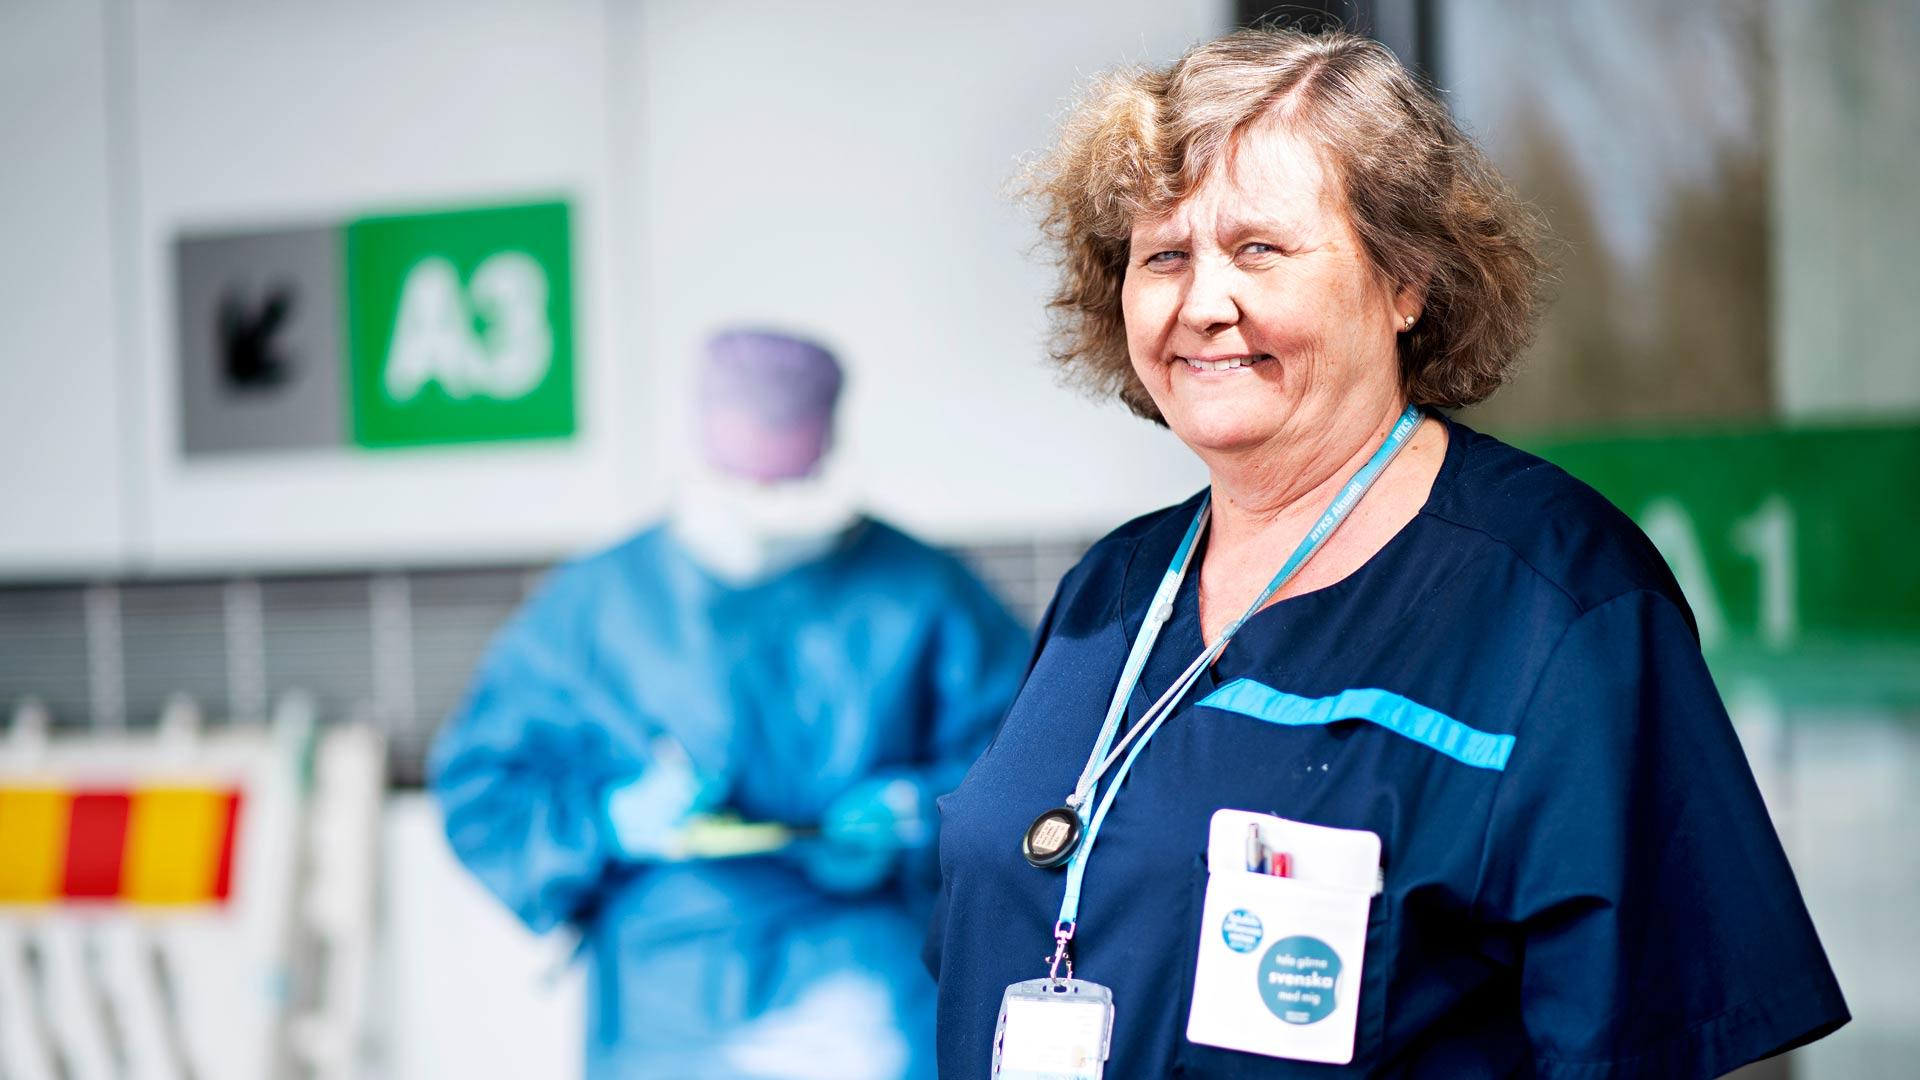 Liki 40 vuoden työkokemus on vahvistanut sairaanhoitaja Susanne Lehvosen uskoa siihen, että suomalainen terveydenhuolto selviää koronaepidemiasta kunnialla.